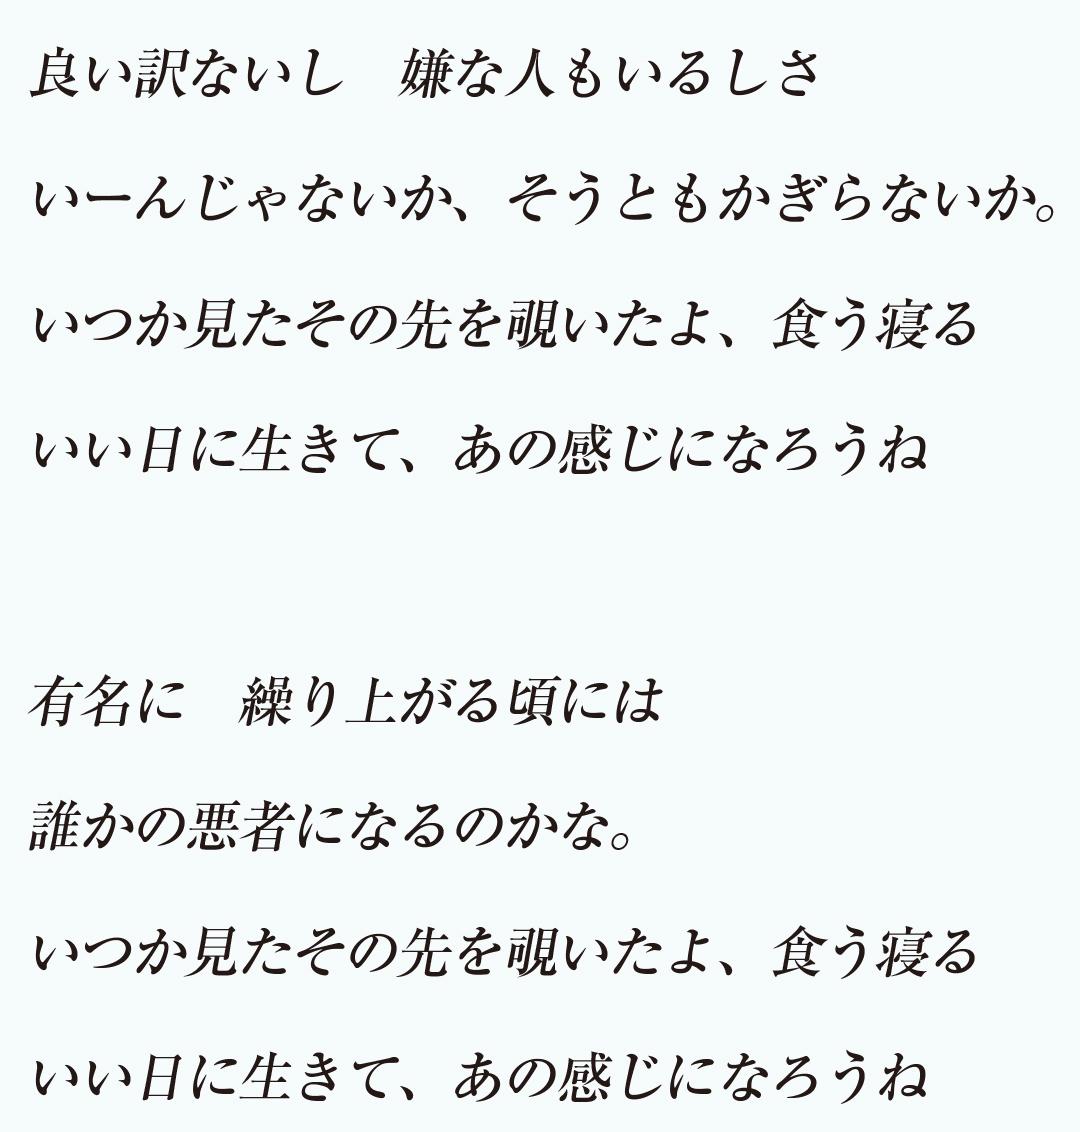 音楽クリエーターヒャダインさんの新連載スタート★【ヒャダインのこの歌詞がすげえ!】_1_2